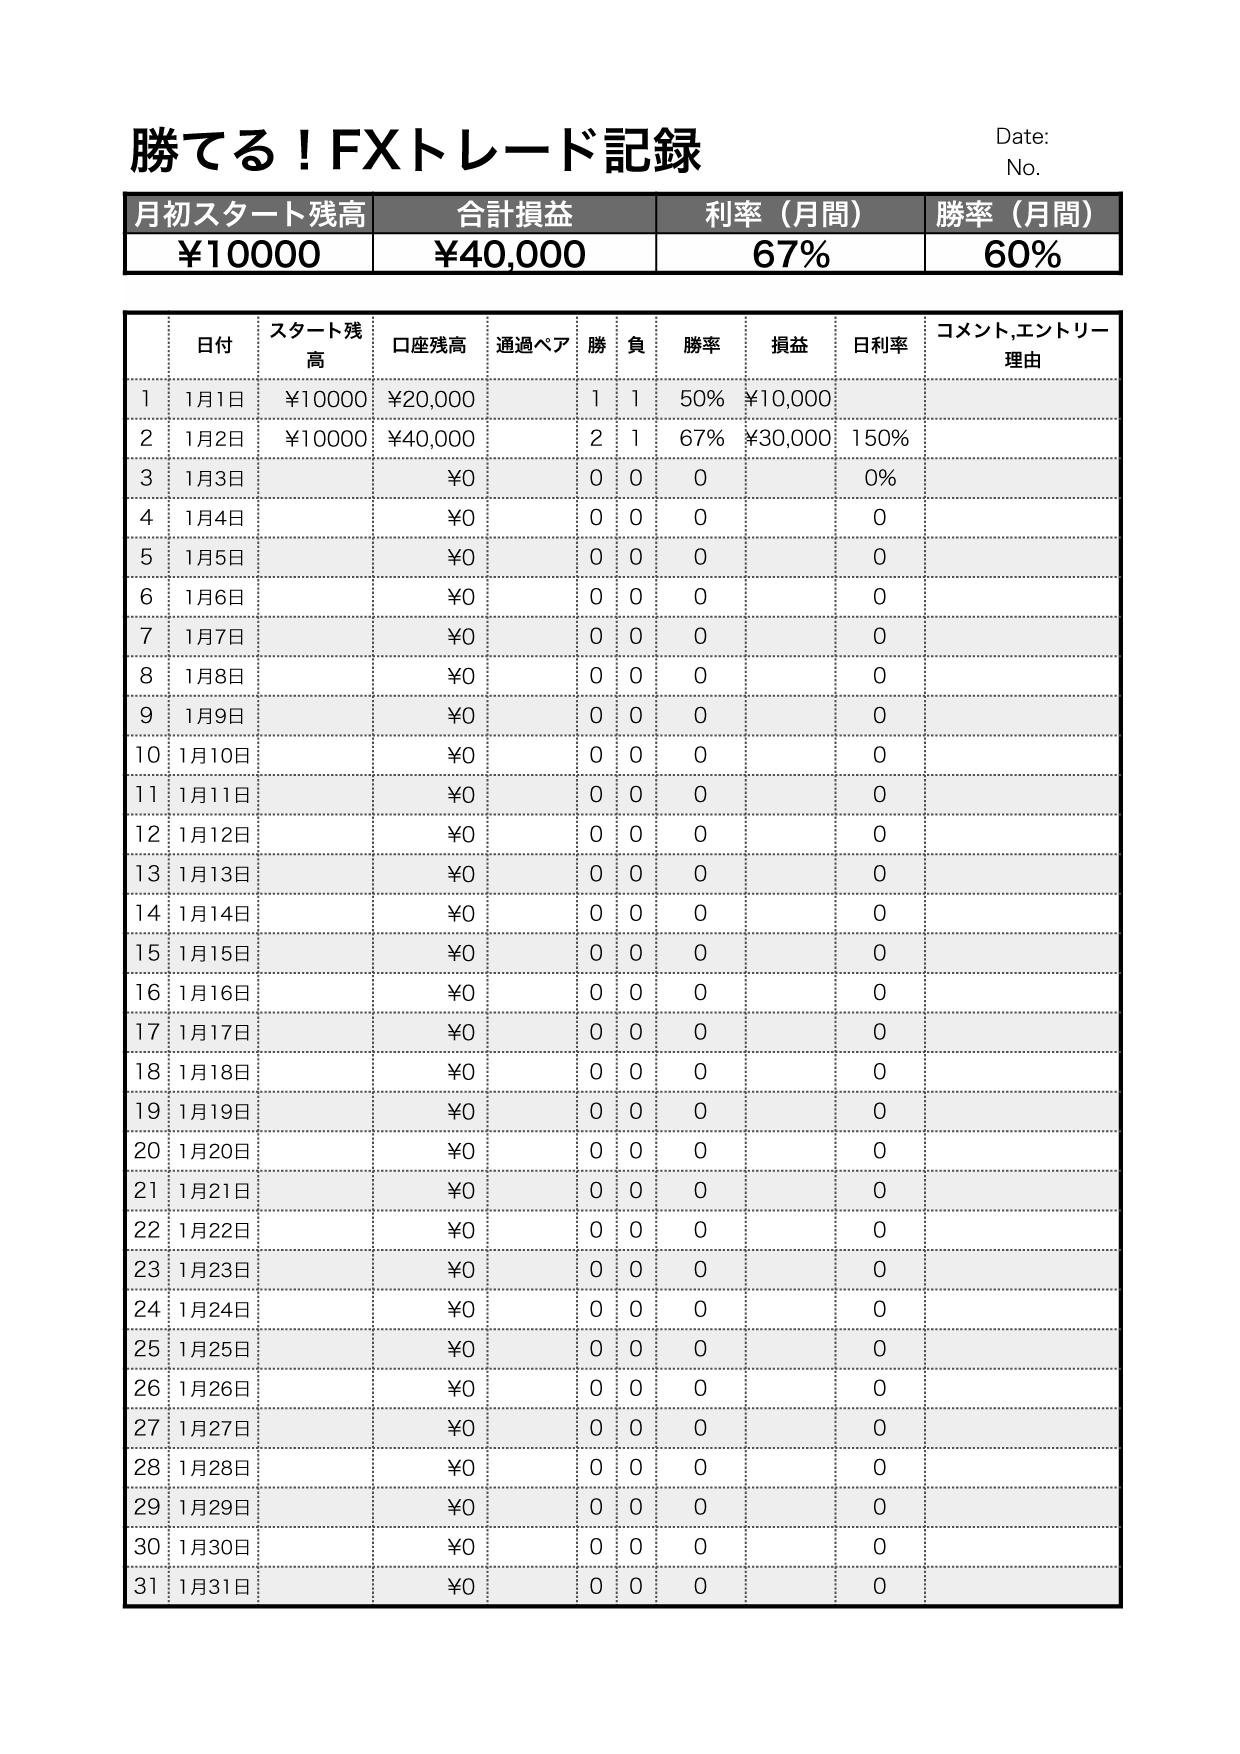 勝てるようになる!自動計算FXトレード記録表テンプレート/エクセル